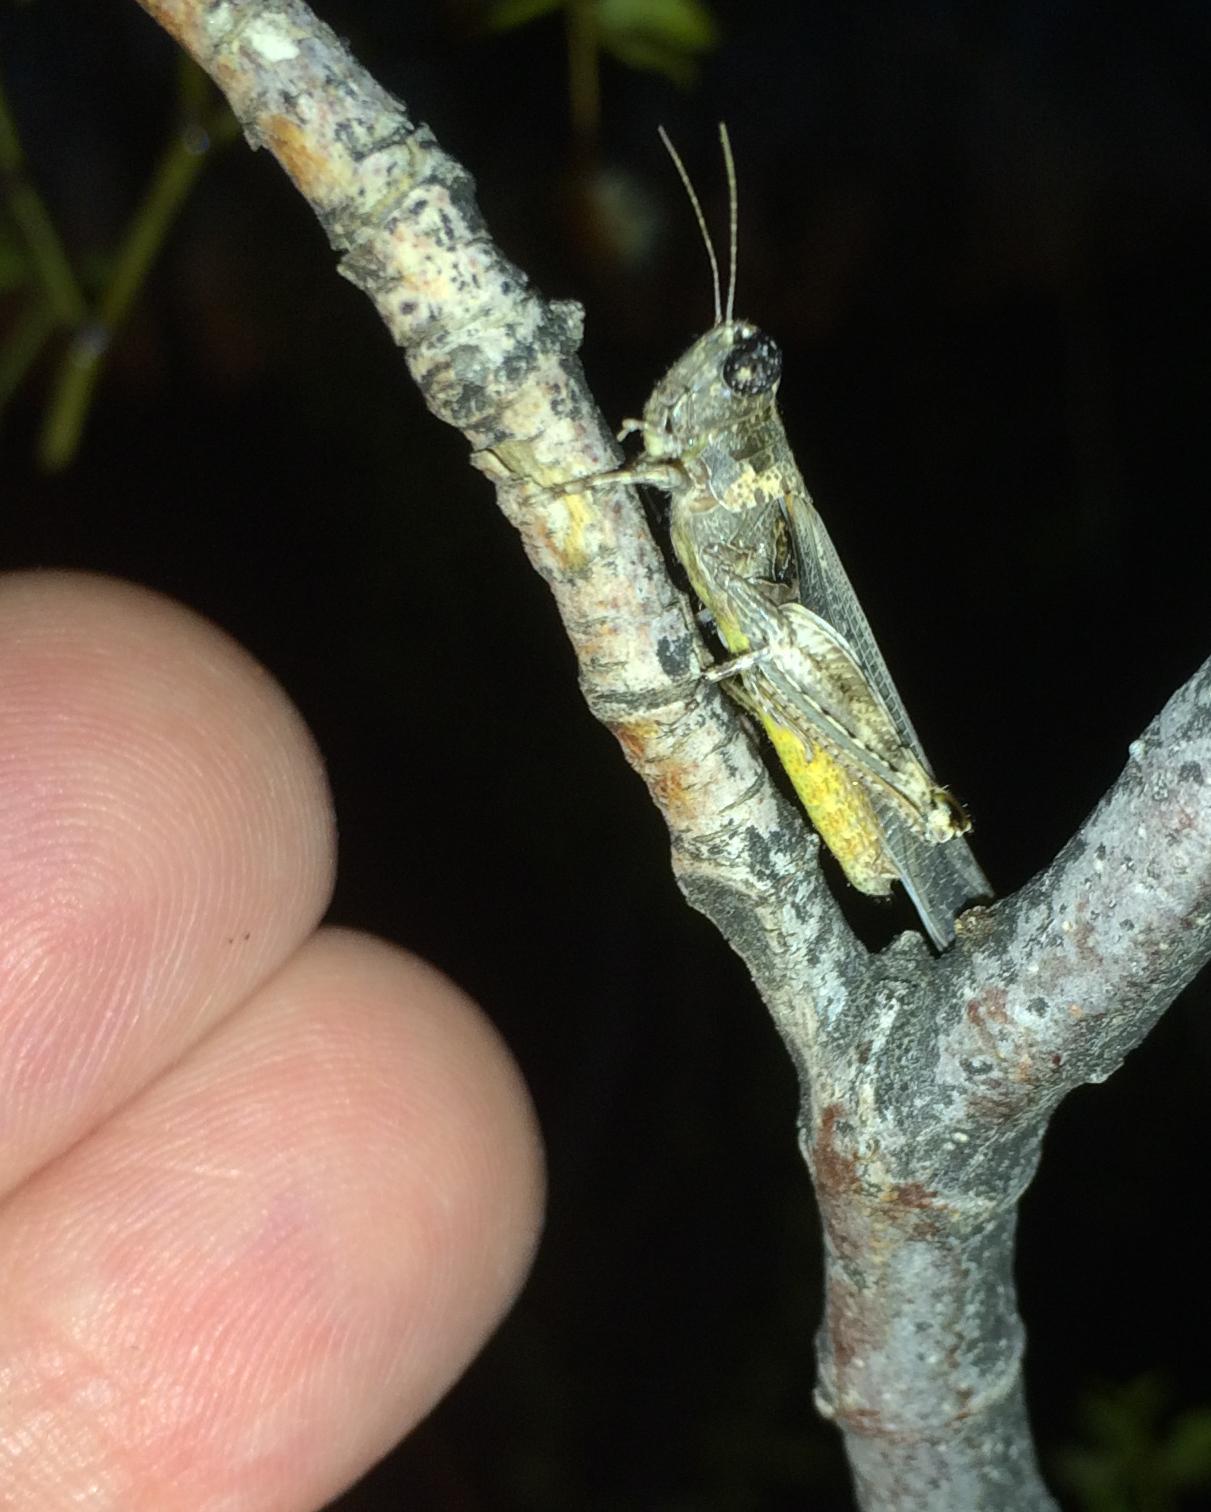 Image of Desert Clicker Grasshopper